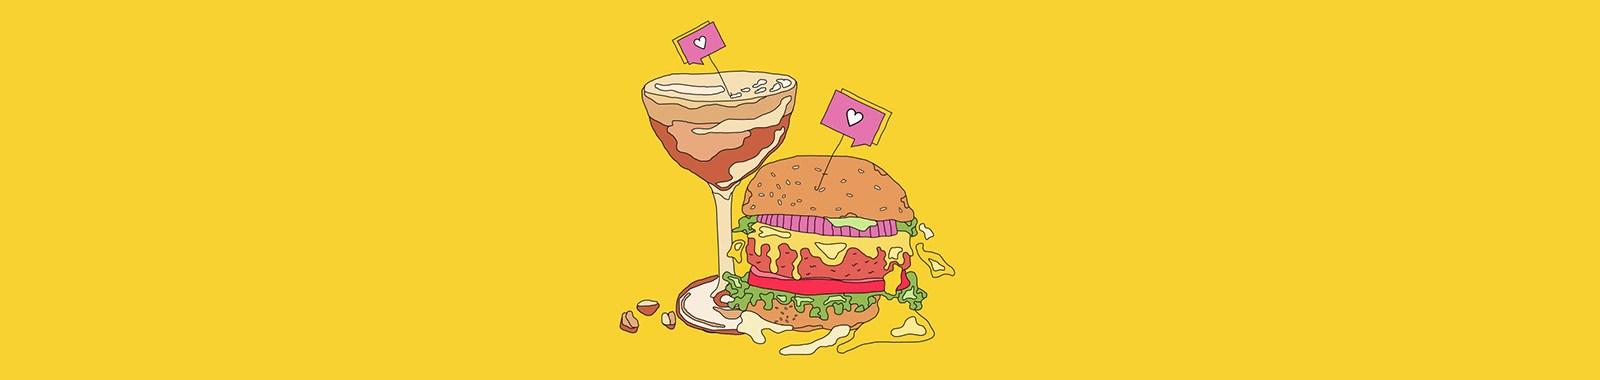 cheeseburger-eye